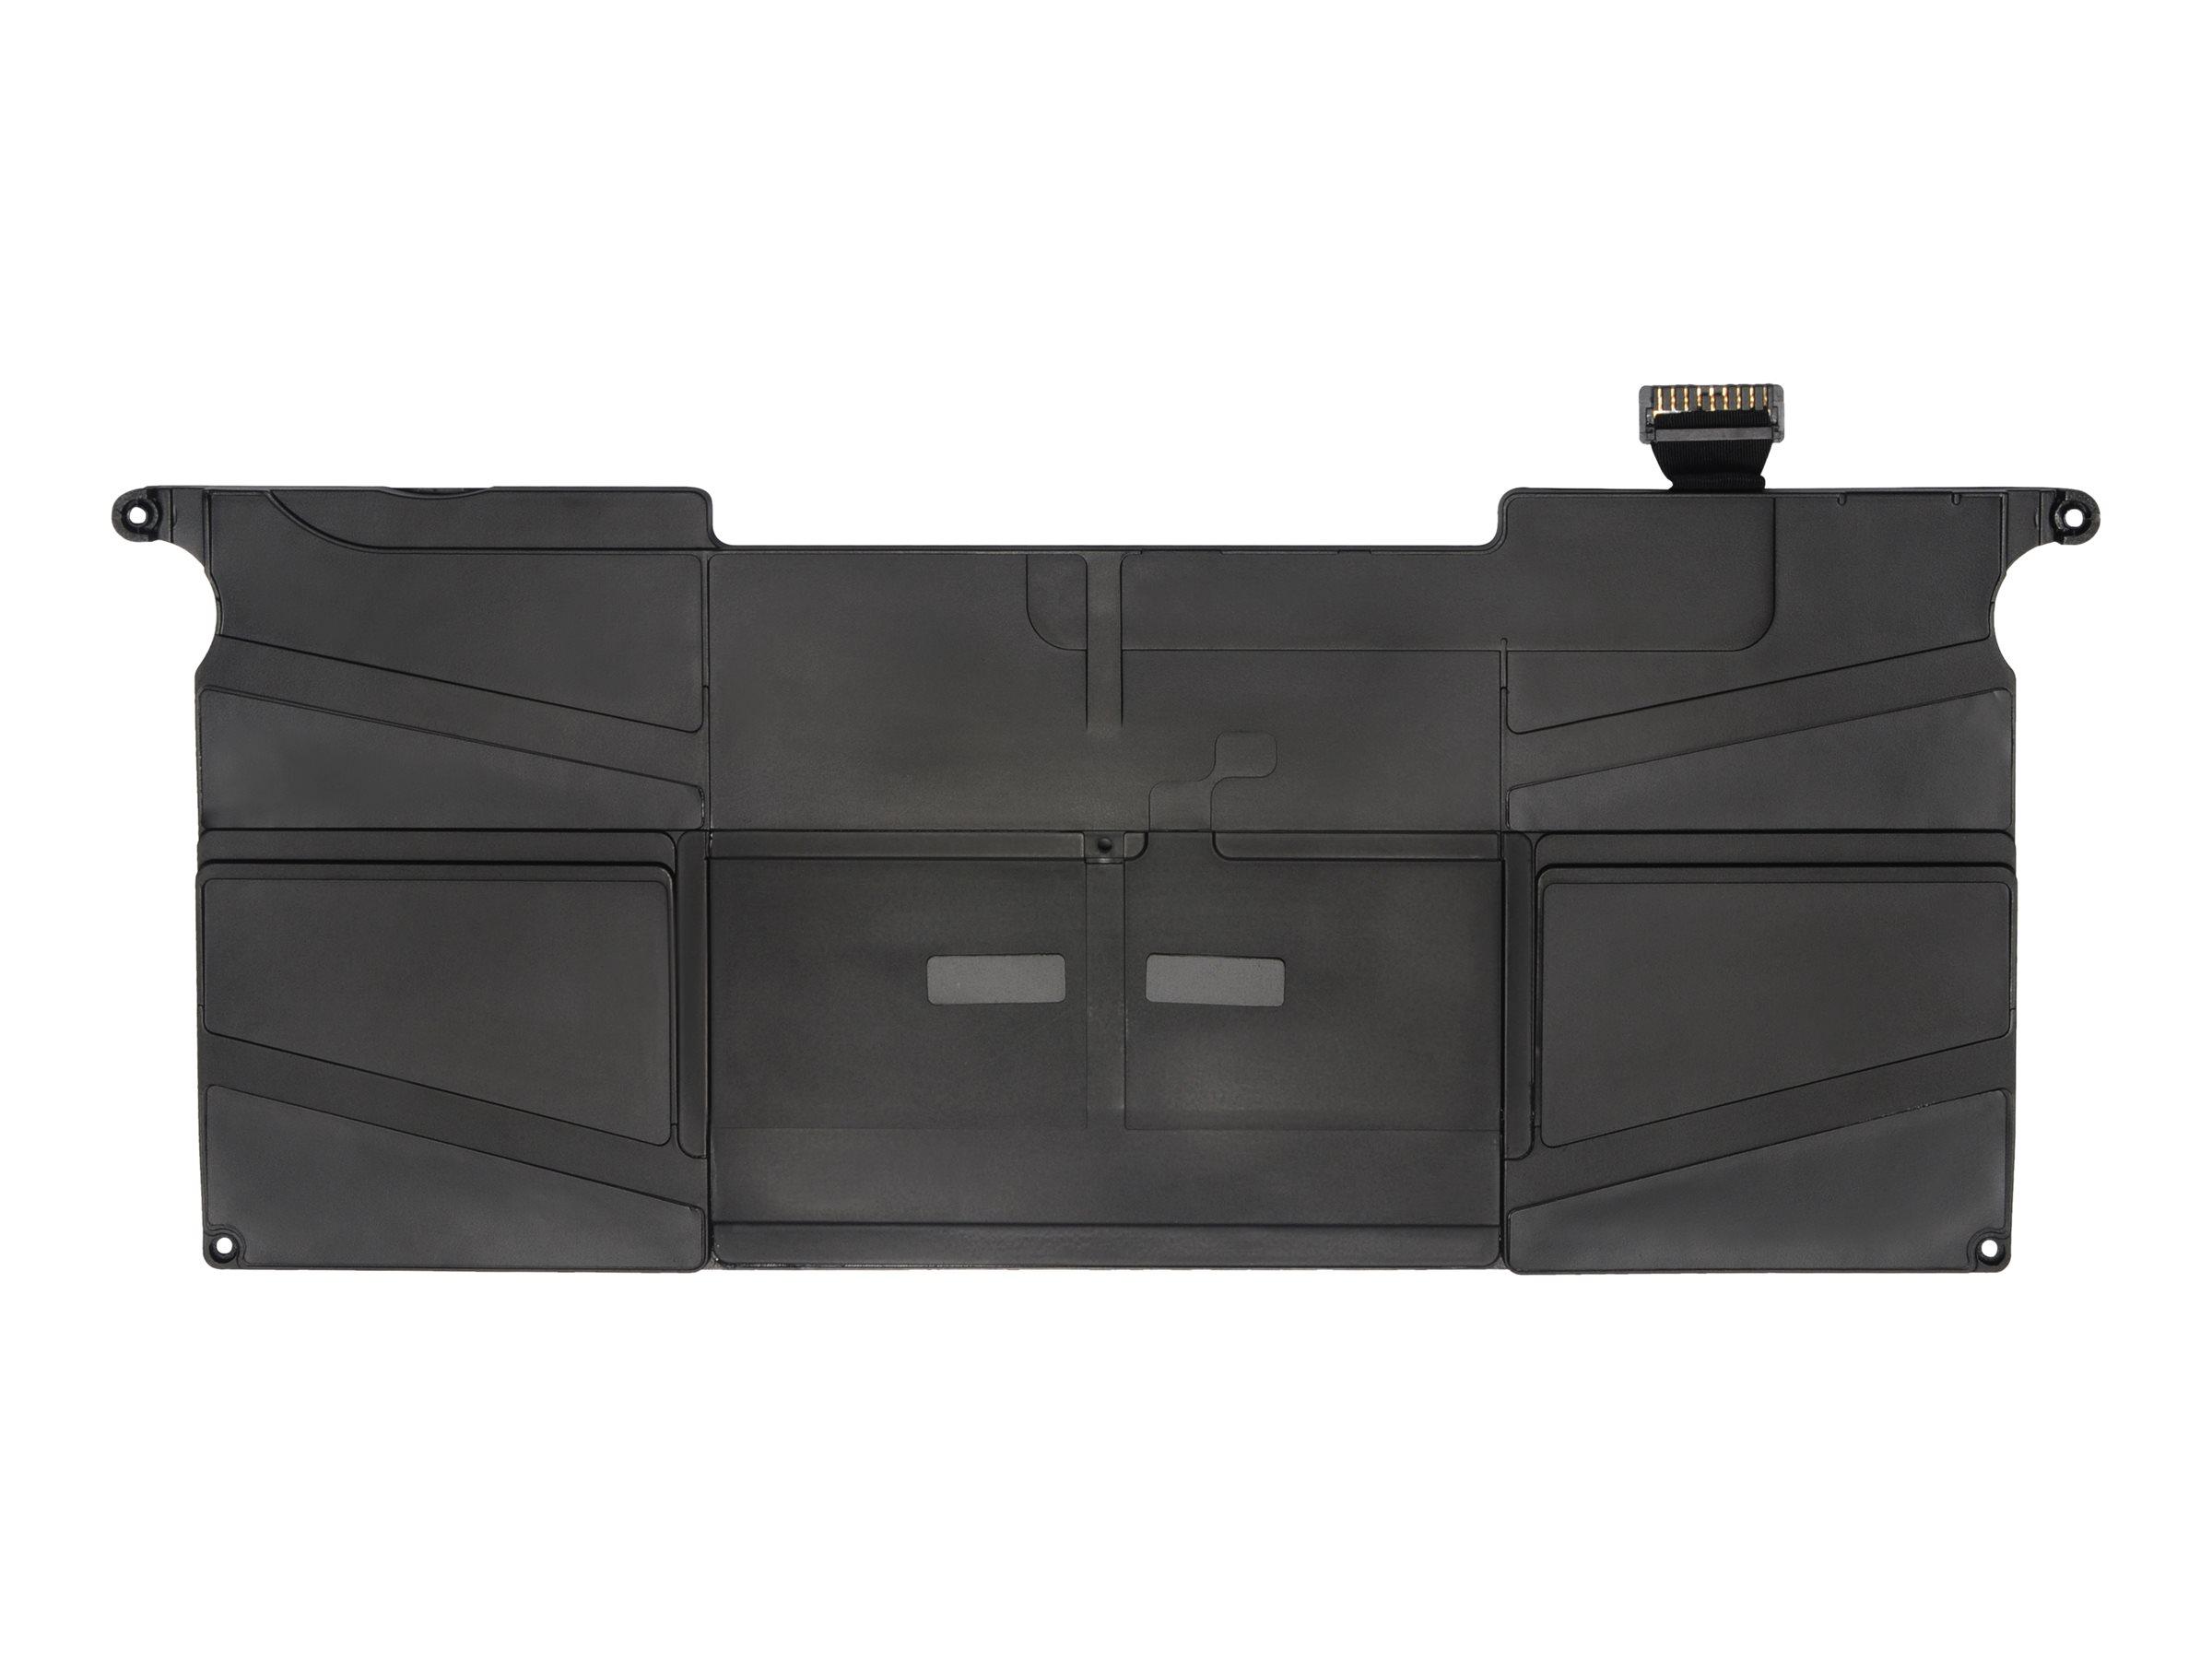 BTI A1375-BTI - Laptop-Batterie (gleichwertig mit: Apple A1375) - 1 x Lithium-Polymer 4 Zellen 5200 mAh - für MacBook Air 11.6